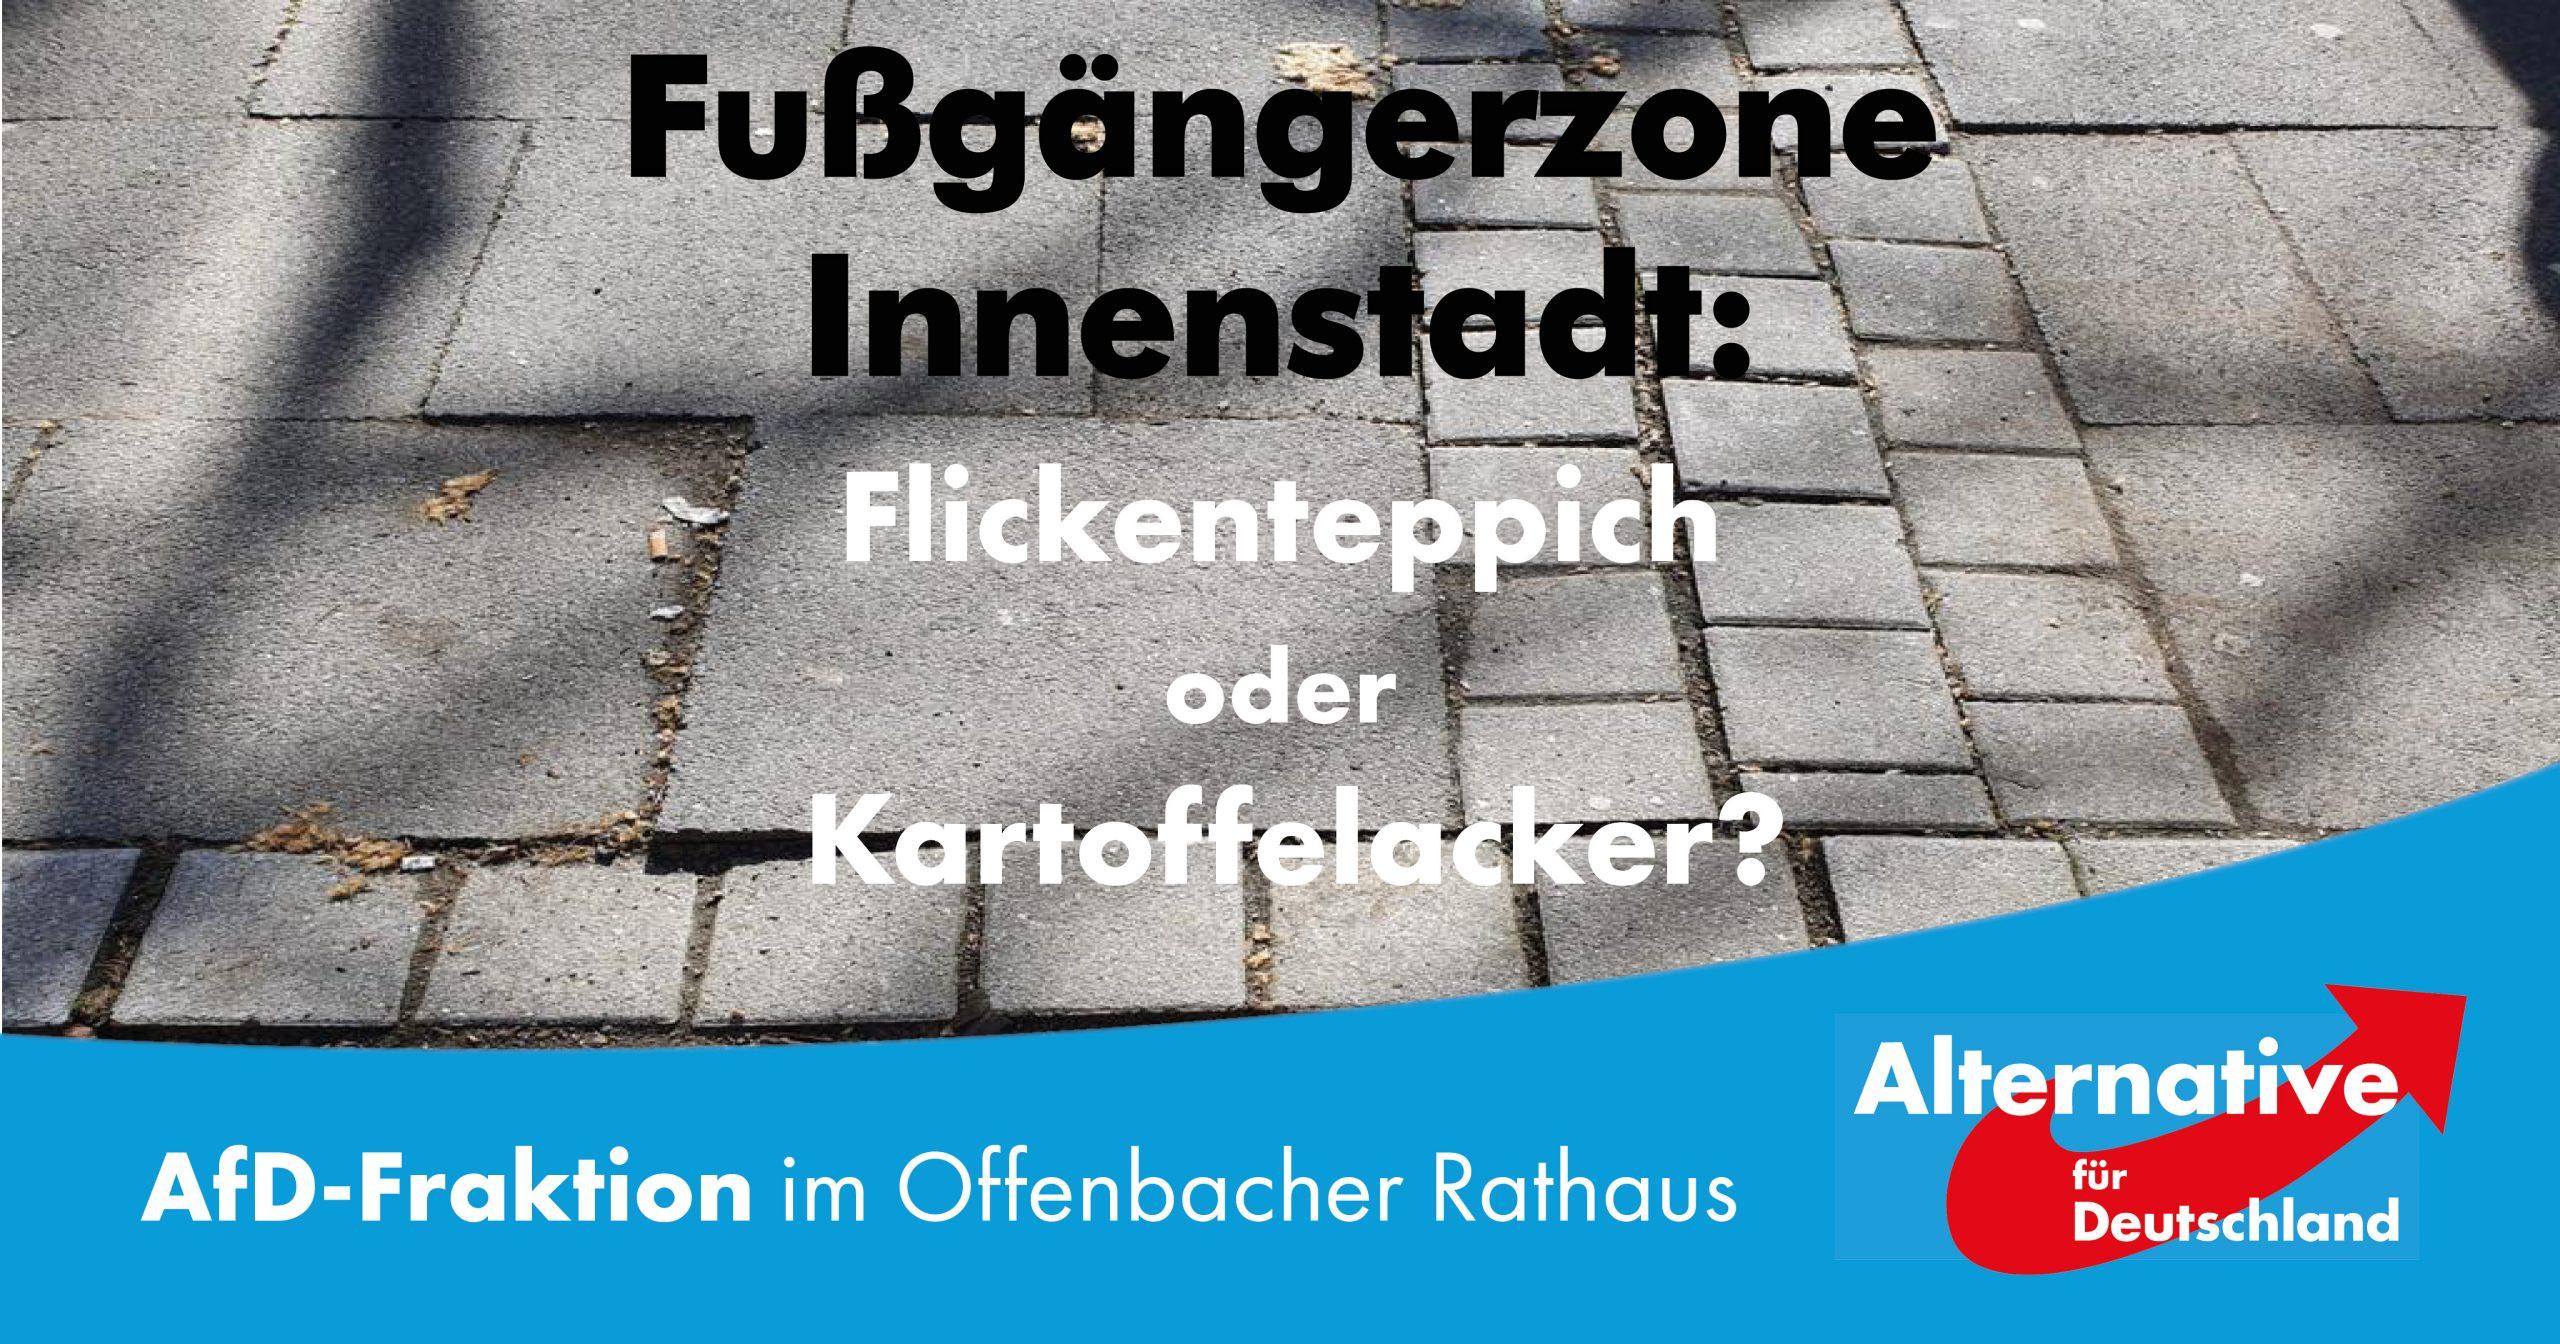 Fußgängerzone Innenstadt: Flickenteppich oder Kartoffelacker?